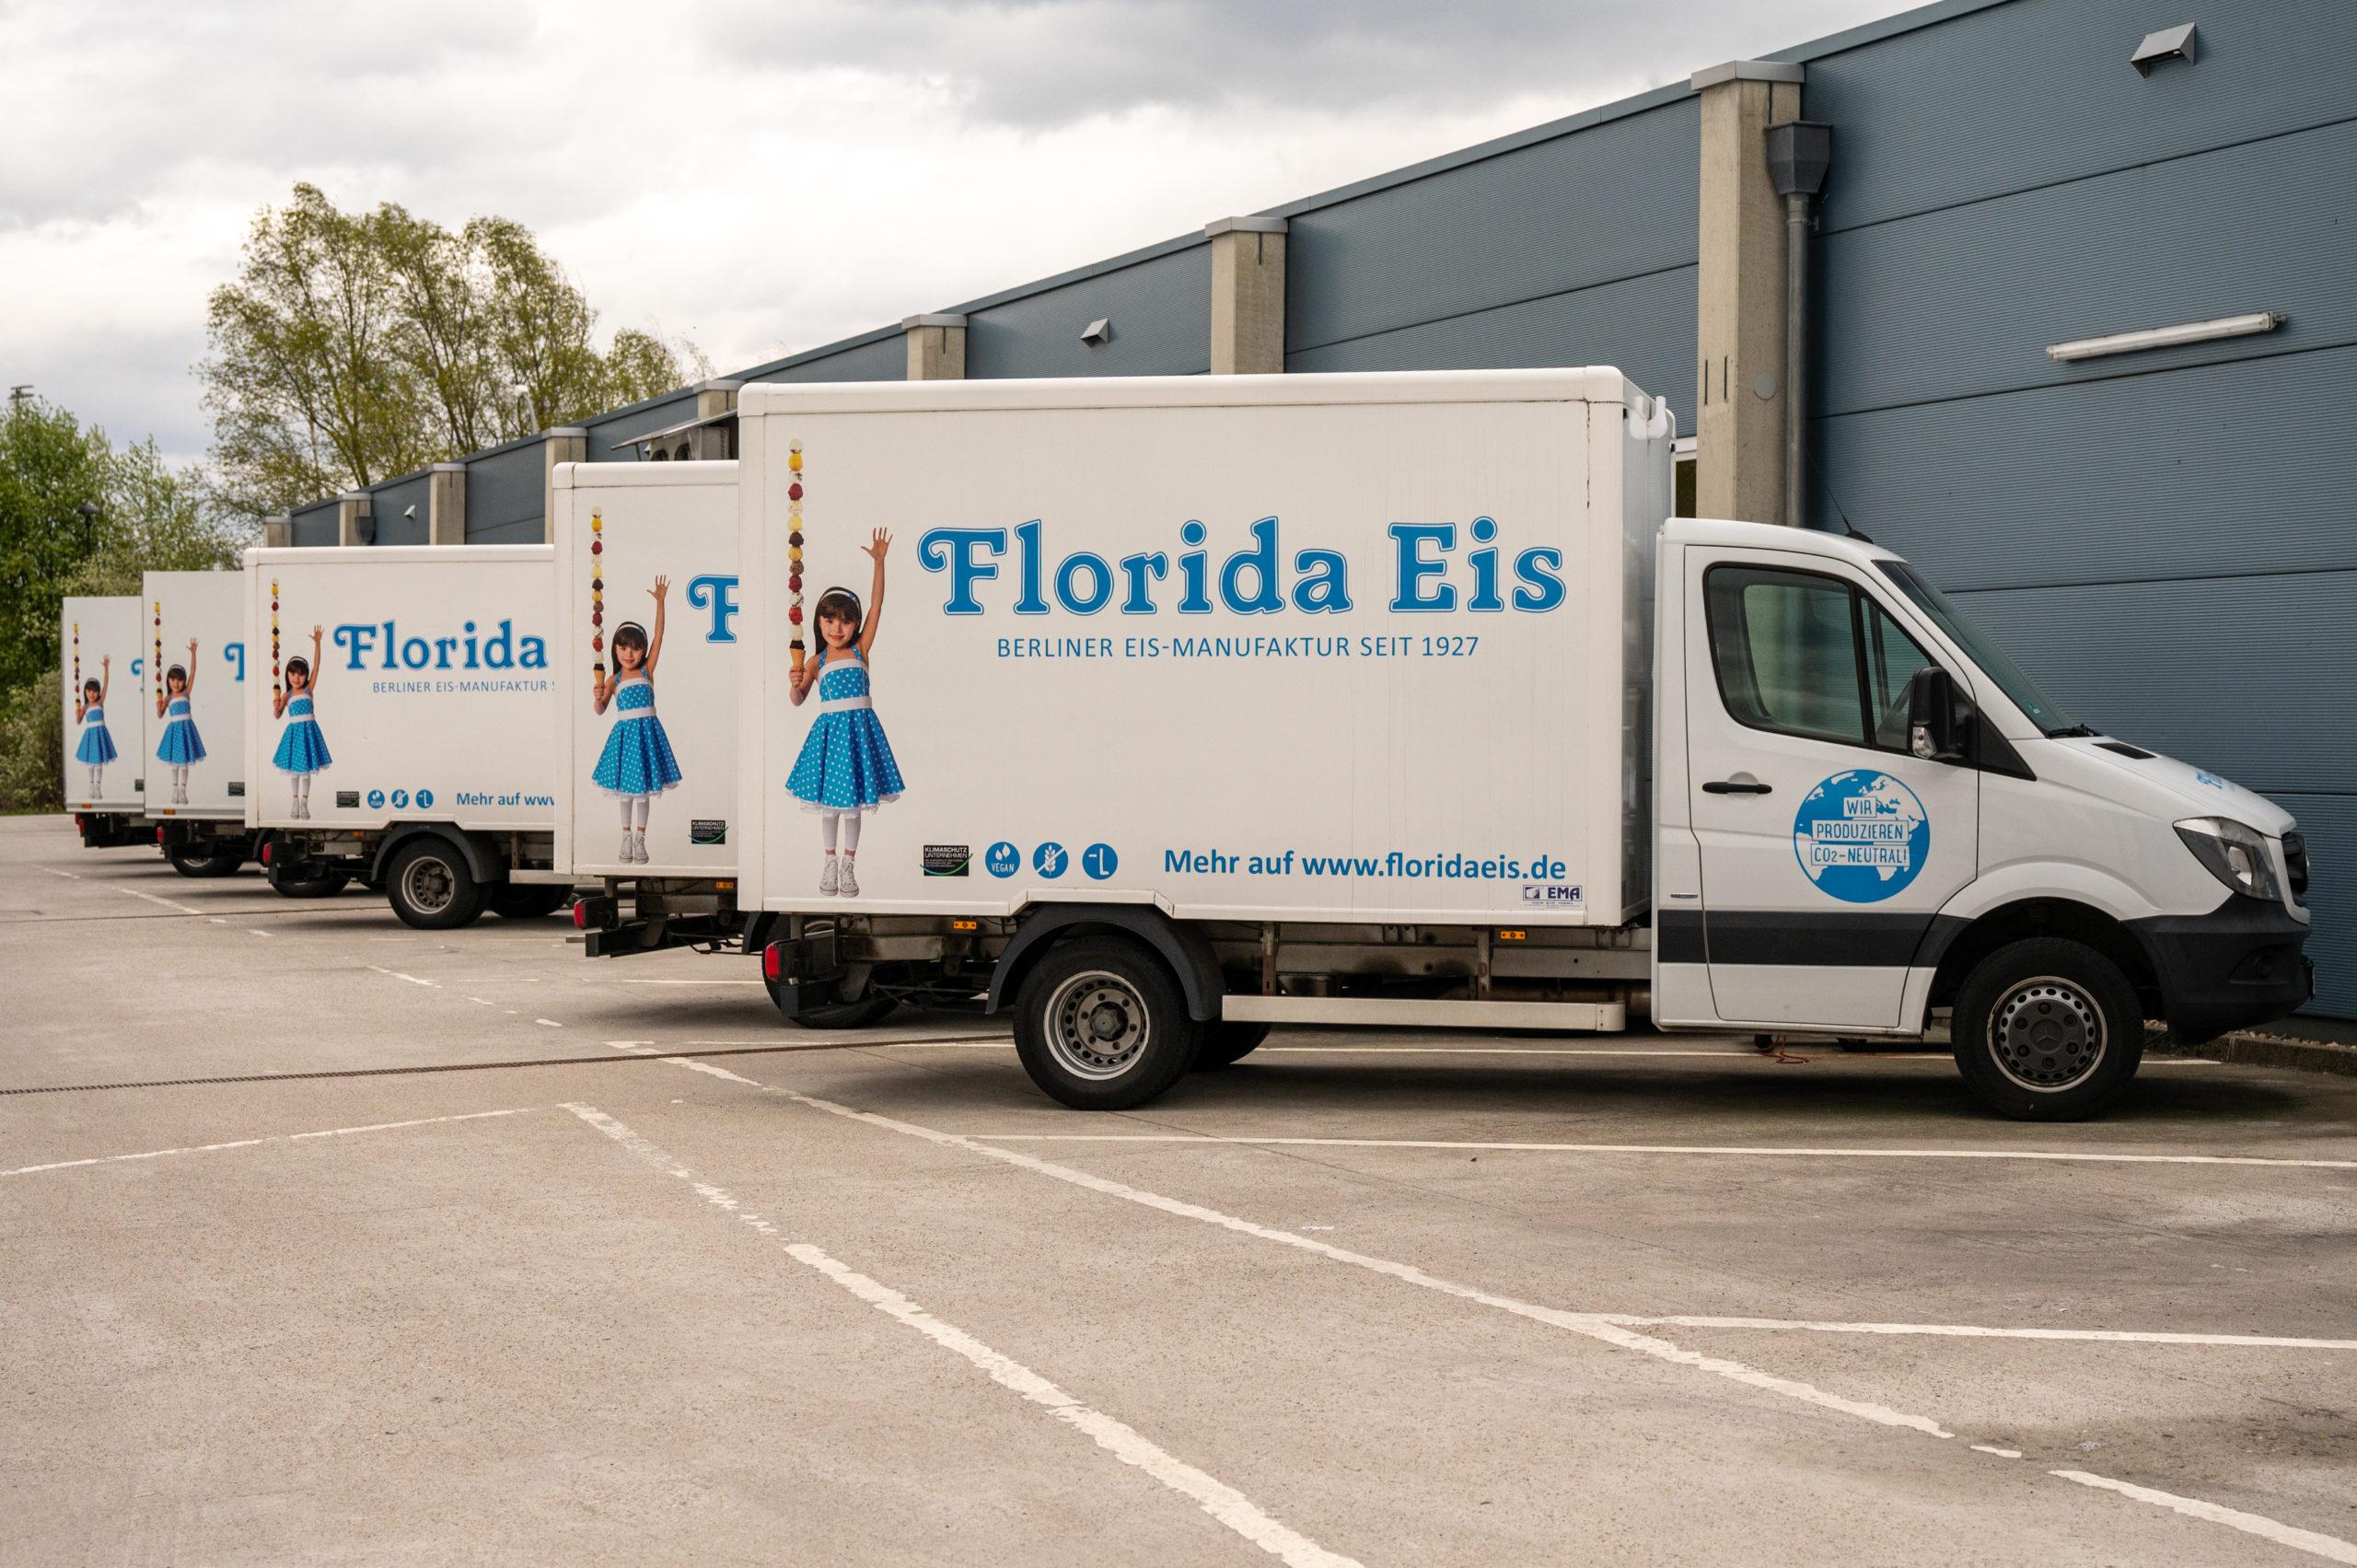 Florida Eis Florida Eis verwendet für die Eisherstellung traditionelle Eismaschinenmodelle, welche von anderen Herstellern kaum noch benutzt werden. Diese traditionelle Eisherstellung ist das Erfolgsrezept des seit 40 Jahren selbstständigen Unternehmers Olaf Höhn. Florida Eis verfolgt eine CO2-neutrale Eisherstellung. Umweltbewusstsein und Unternehmensführung ist für Florida Eis kein Widerspruch. Die neue Florida Eisproduktion am Zeppelinpark in Berlin-Spandau ist keine Standardproduktion für Speiseeis.